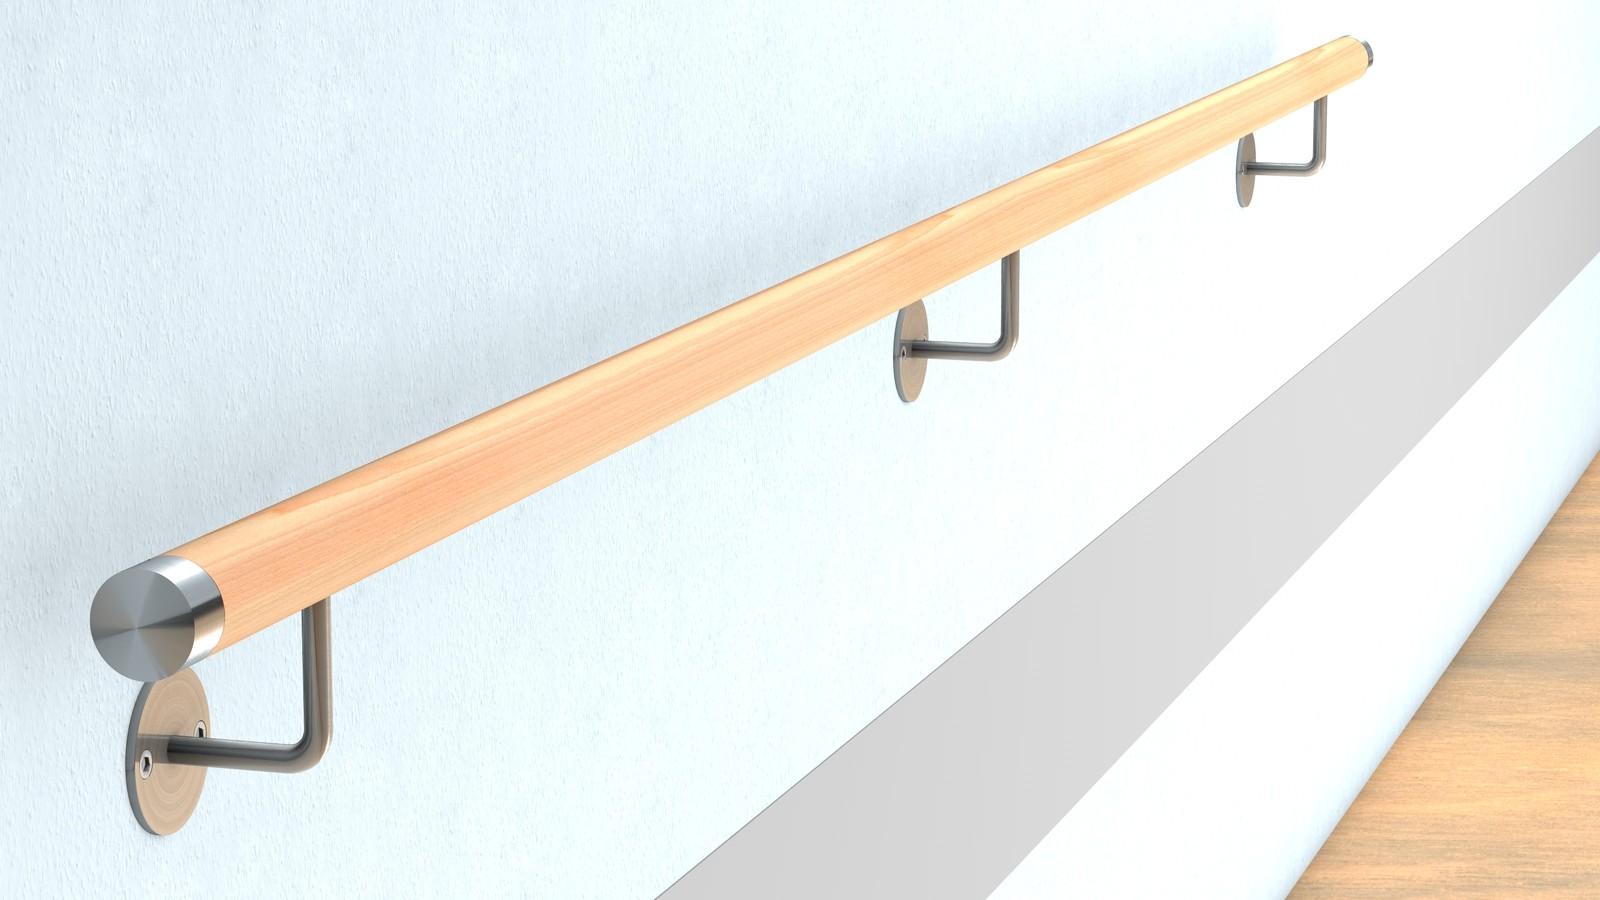 buche wand handlauf befestigung mit sichtbarer verschraubung f r 44 00 bestellen huero. Black Bedroom Furniture Sets. Home Design Ideas